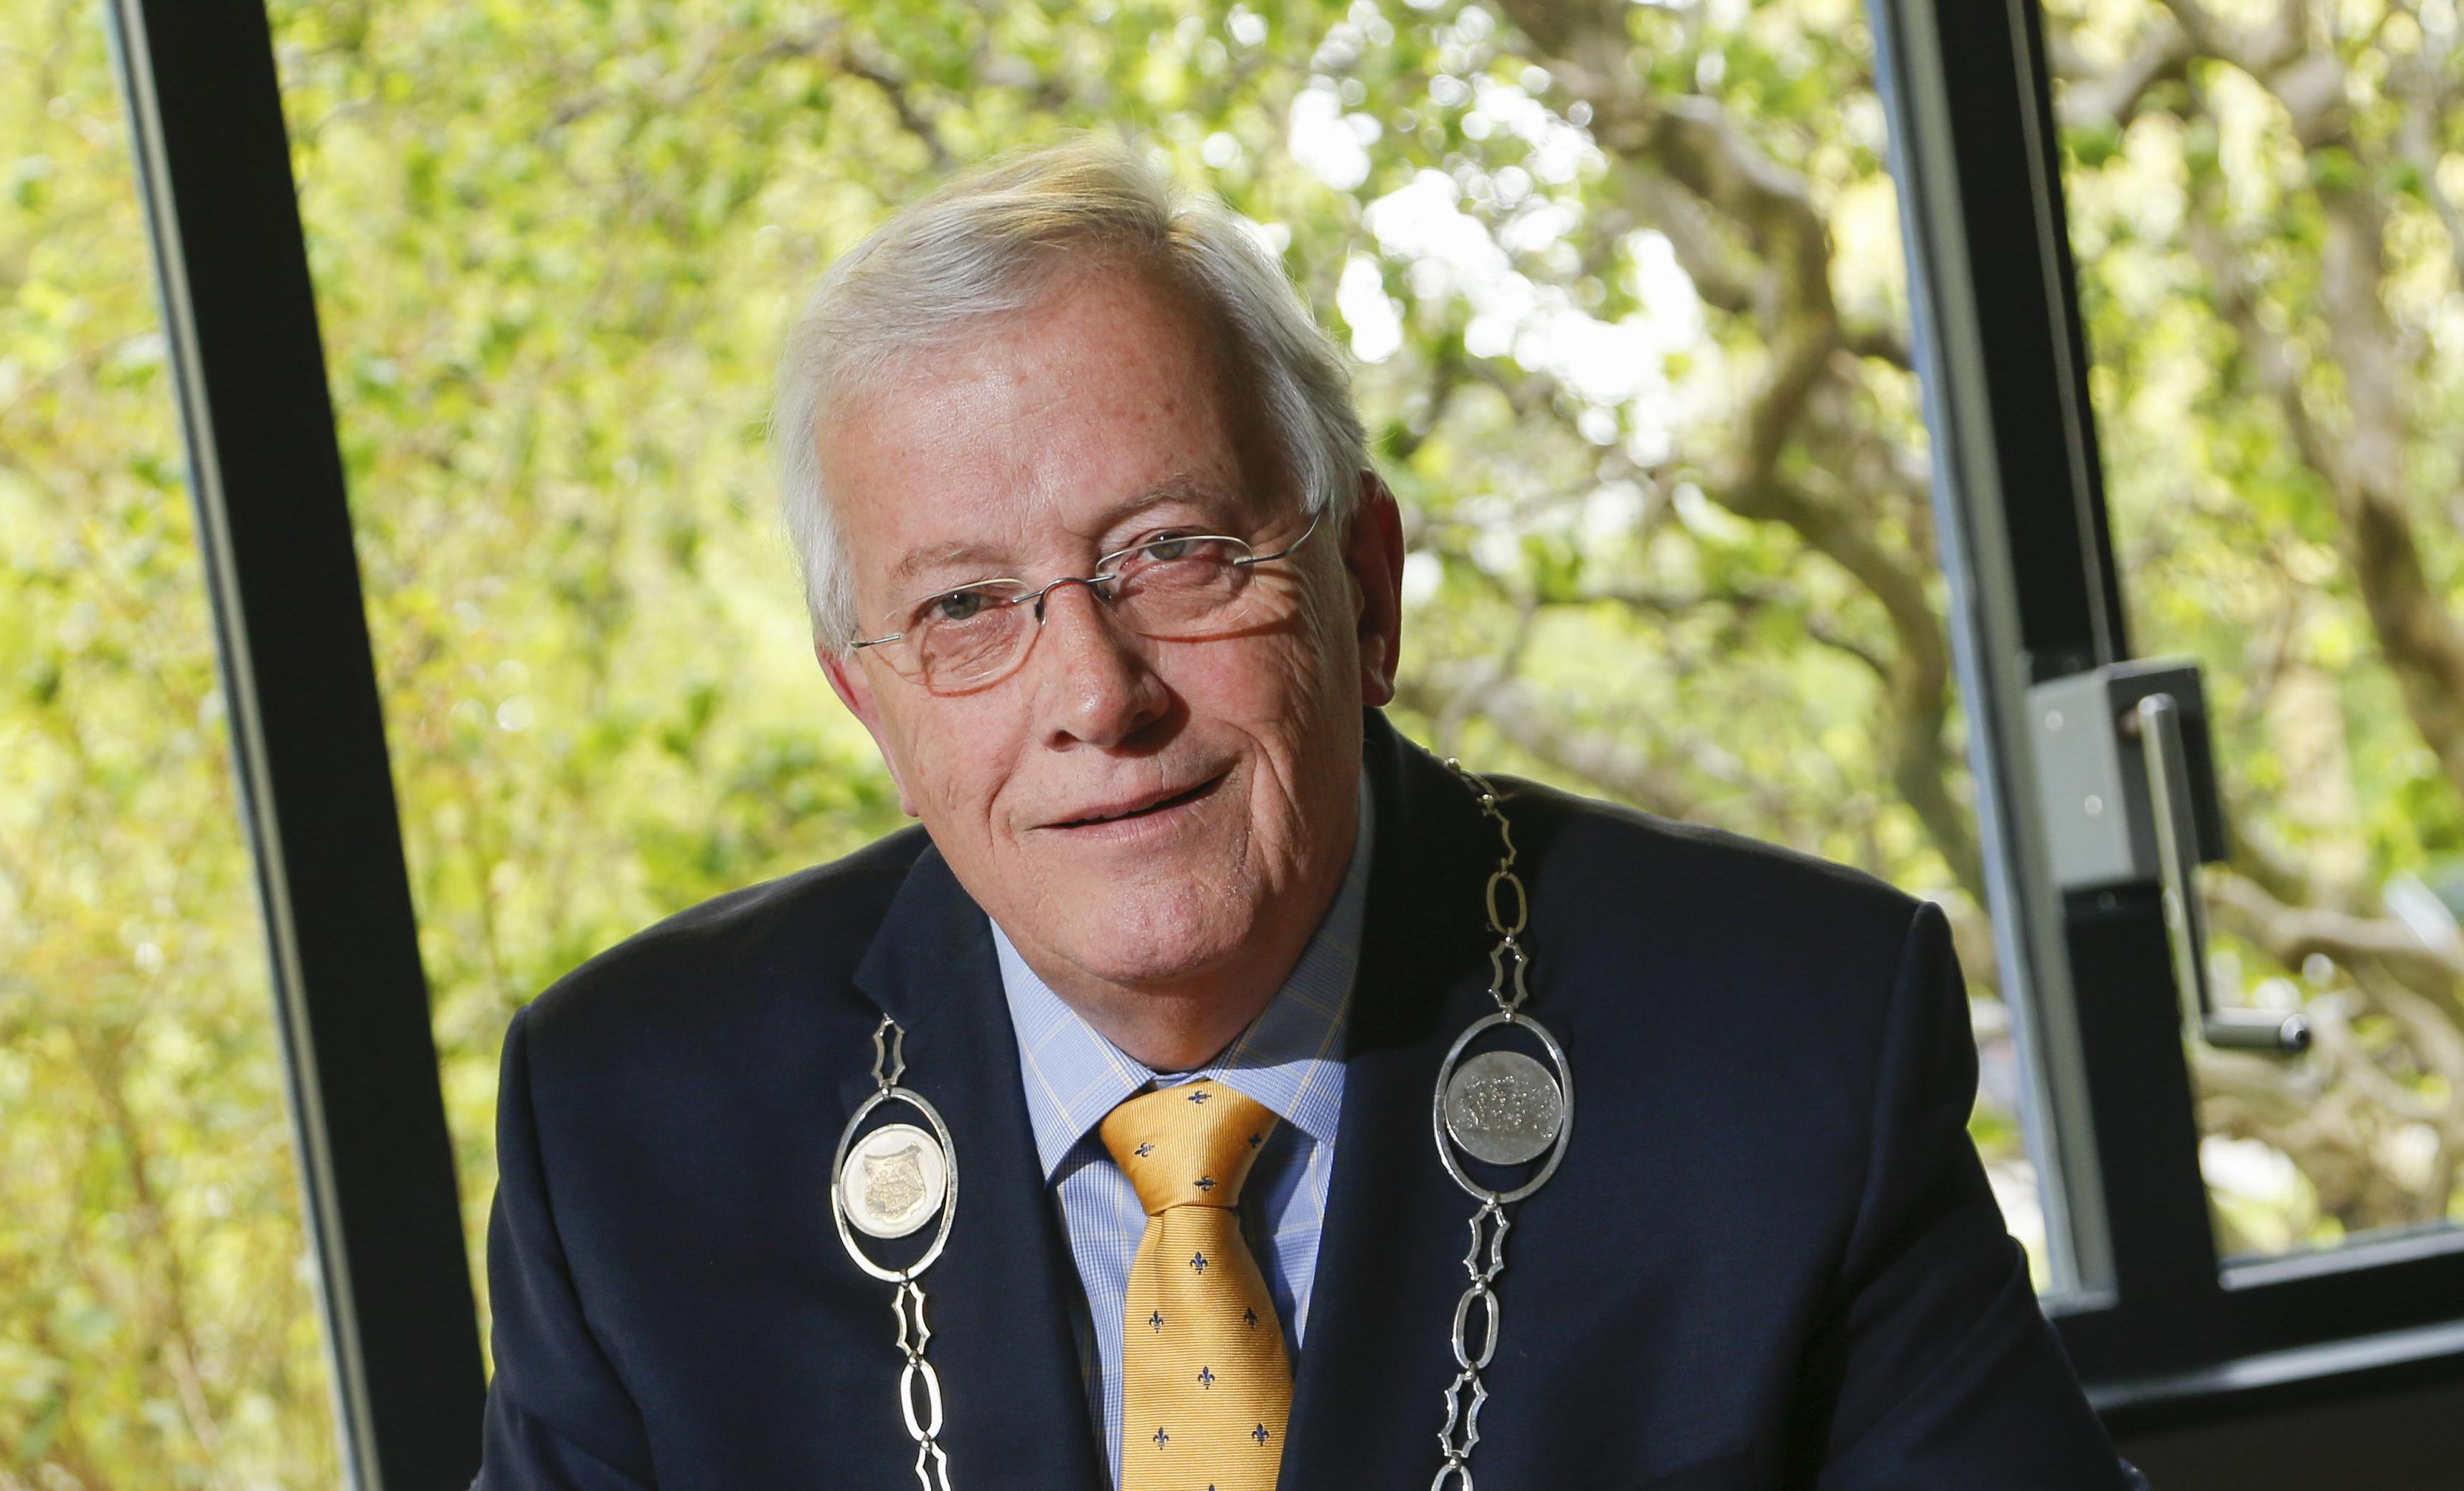 Burgemeester Nijpels (70) van Opmeer vertrekt, opvolgingsprocedure start